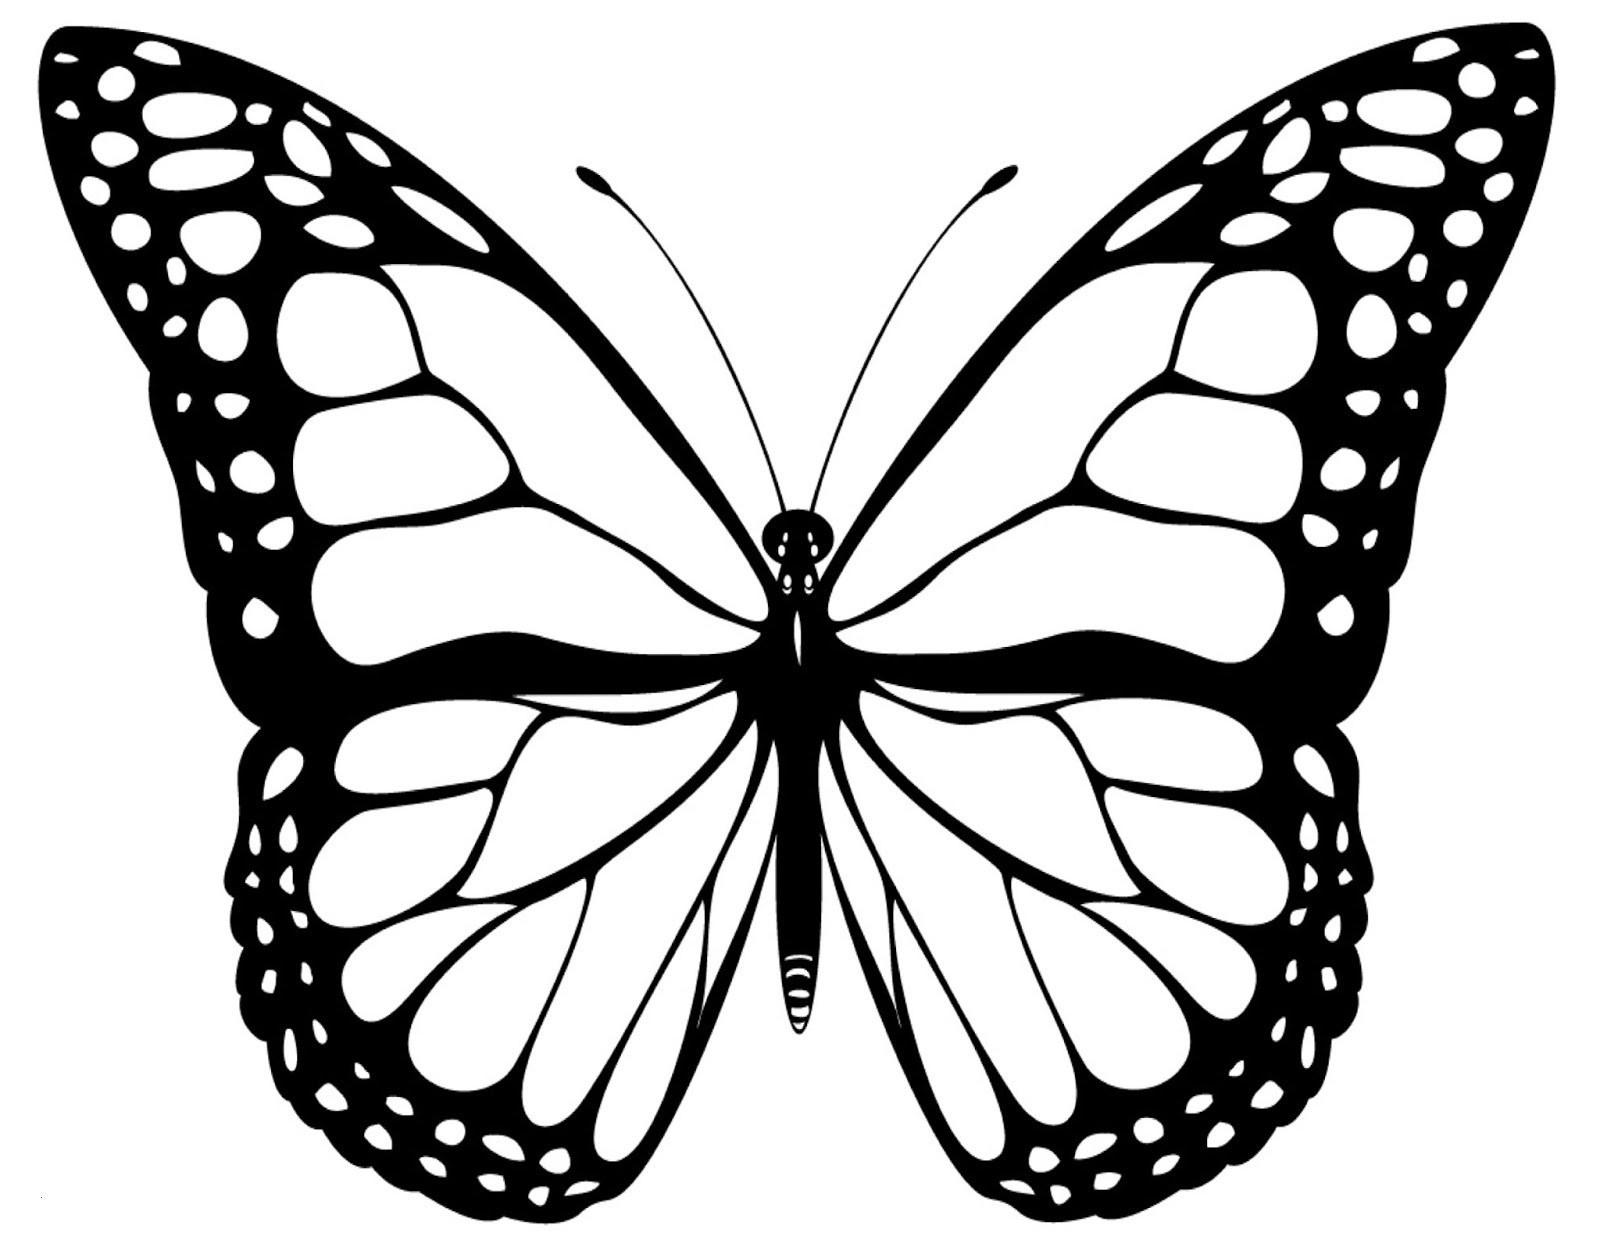 Schmetterling Bilder Zum Ausmalen Neu 35 Schmetterling Ausmalbilder Scoredatscore Schön Malvorlagen Sammlung